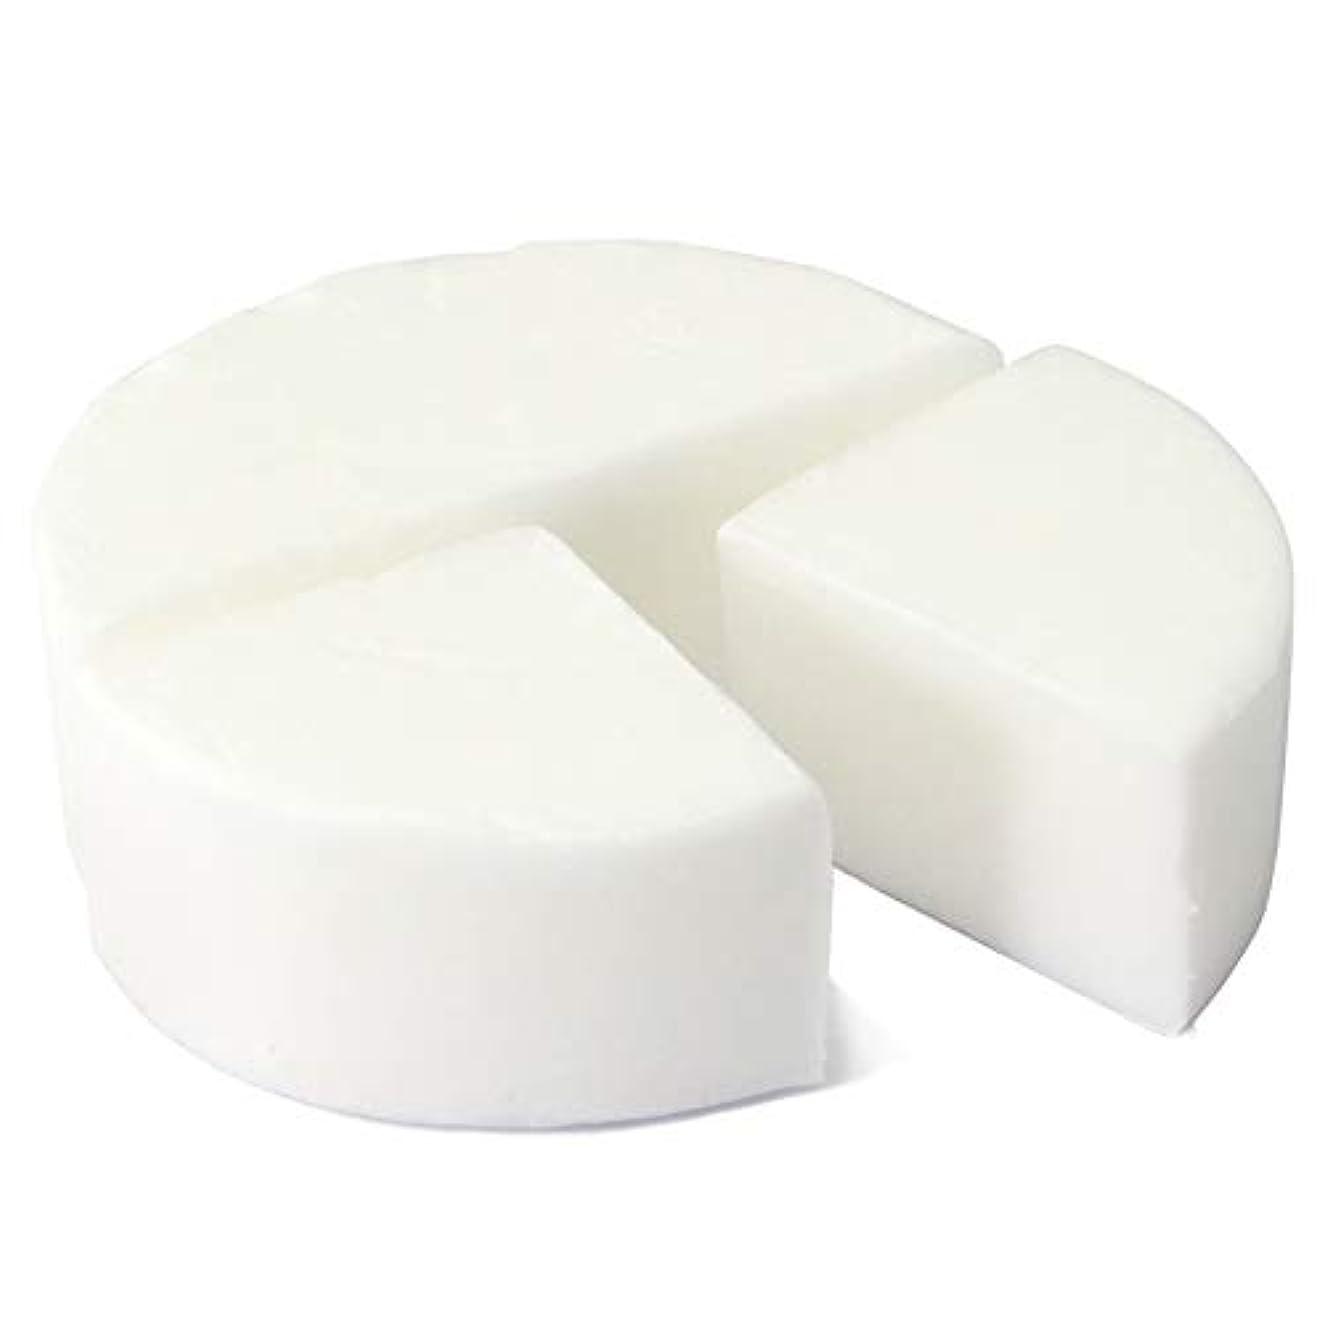 ソーシャル固有のフックグリセリン クリアソープ 色チップ 白 100g (MPソープ)